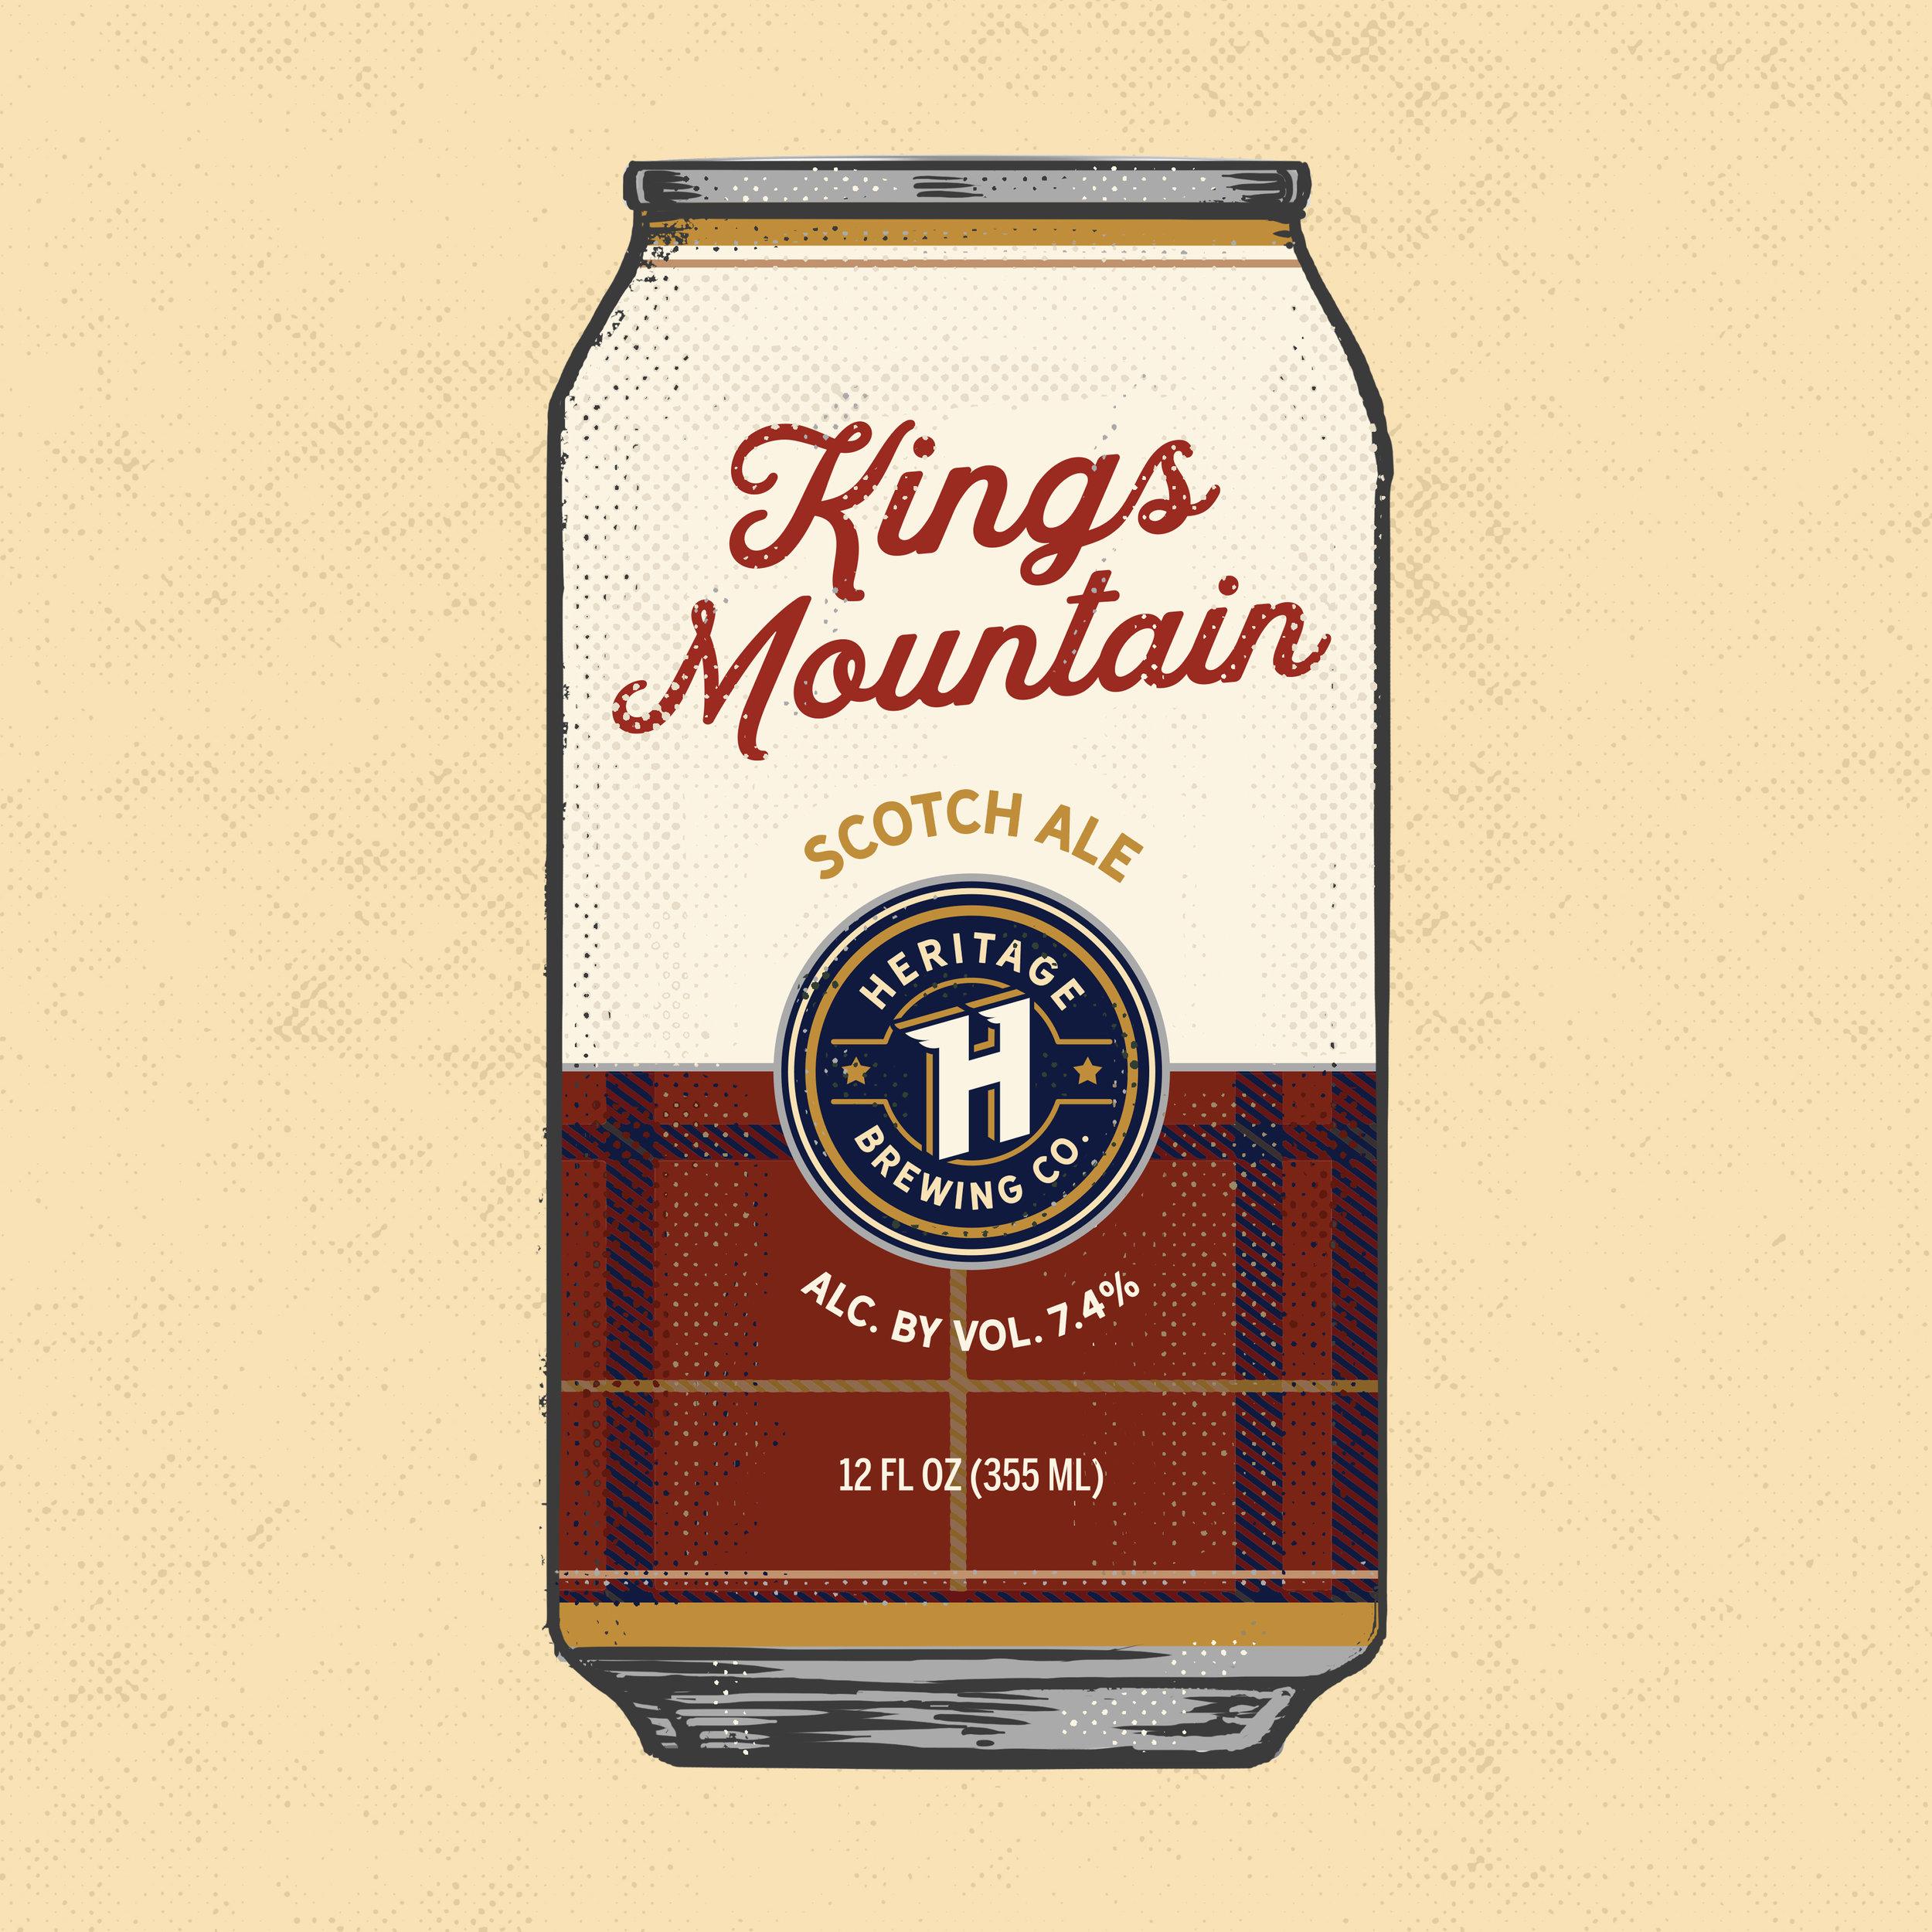 Kings Mountain Pop Art.jpg